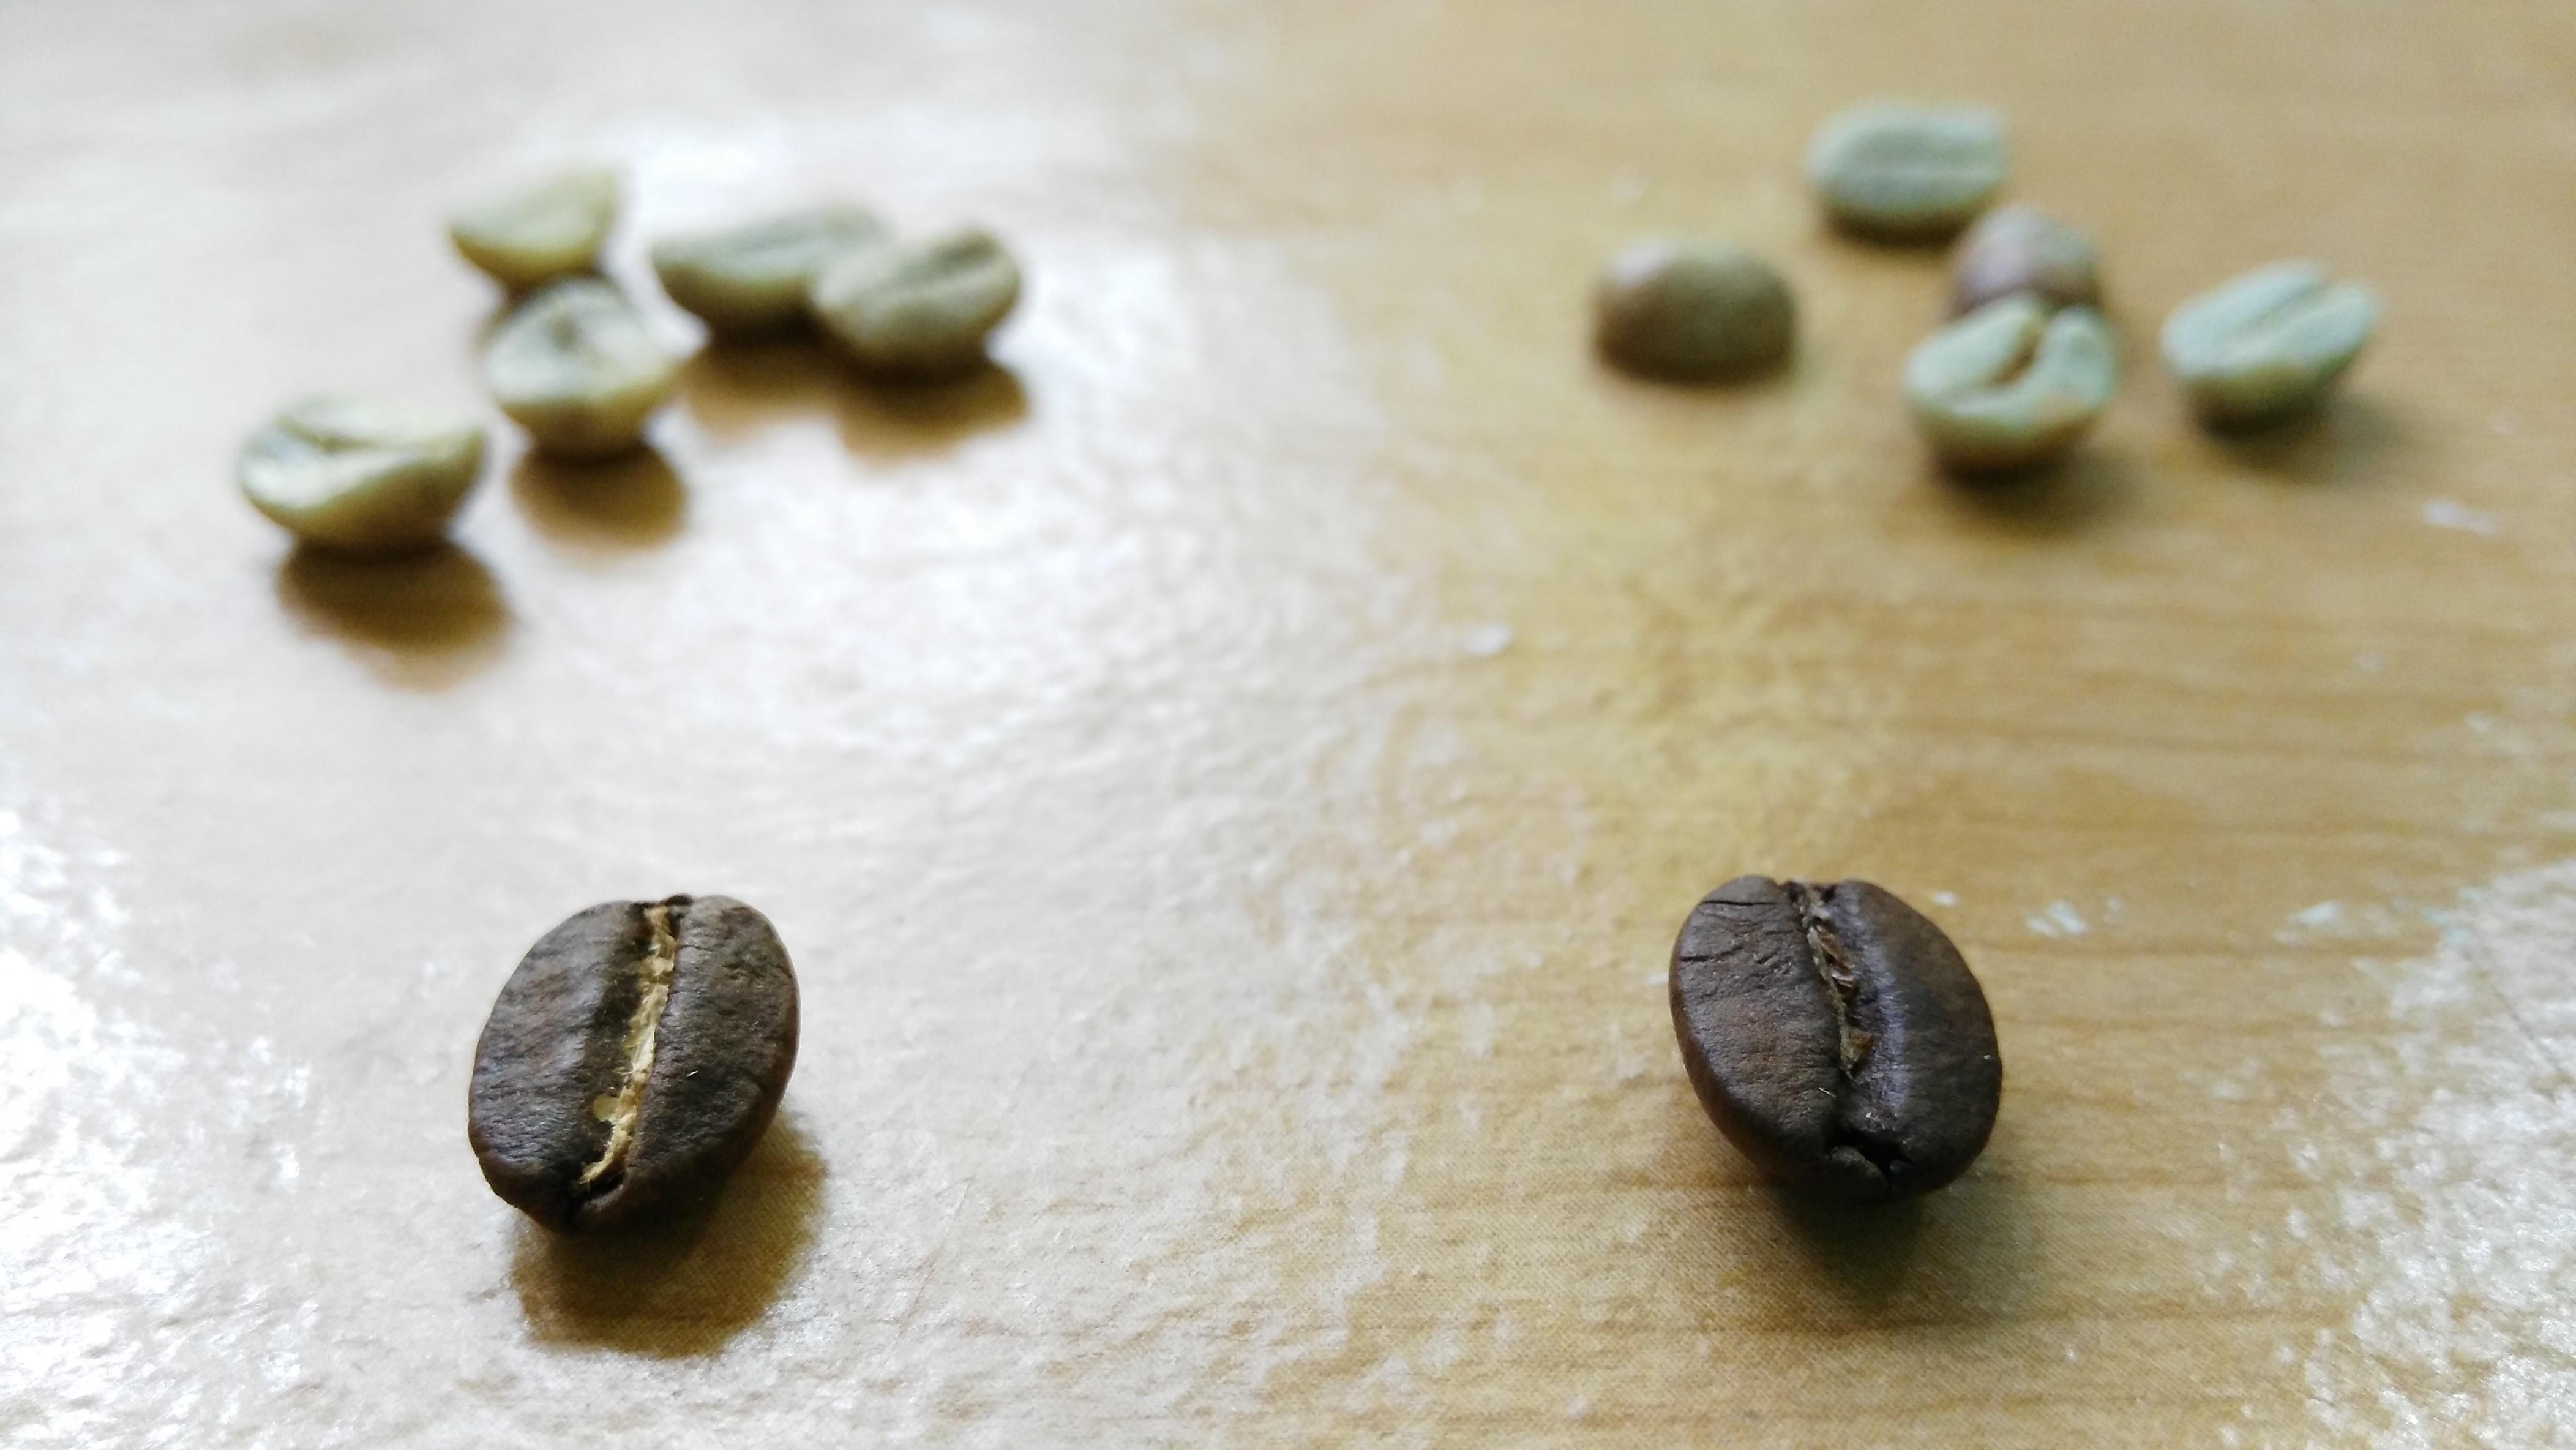 เมล็ดกาแฟคั่ว DRY PROCESS